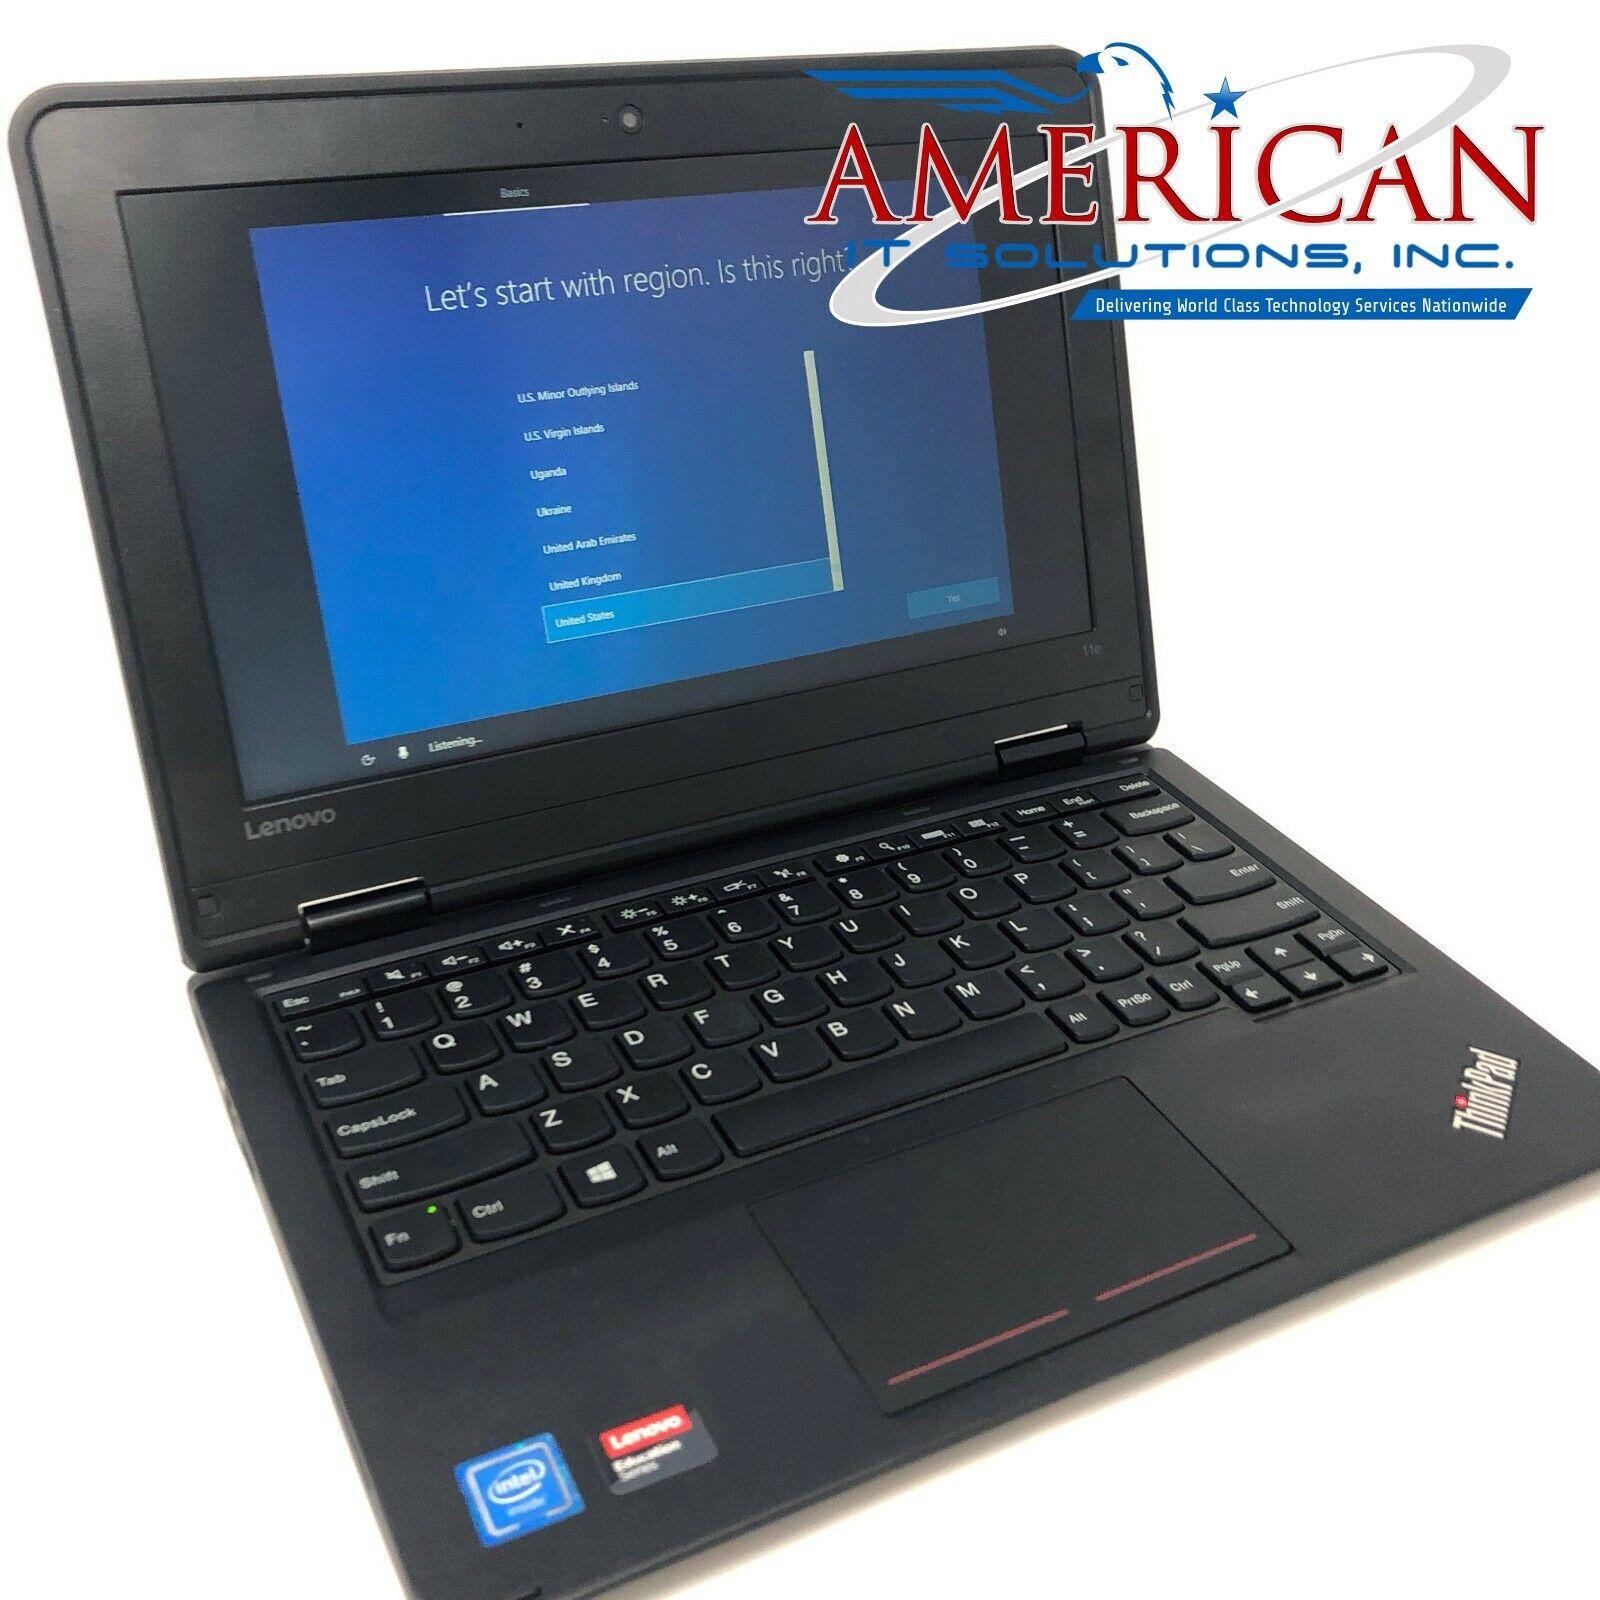 """Laptop Windows - Lenovo 11e Laptop - 11.6"""" - CPU 1.6GHZ - 8GB RAM - 256GB SSD M.2- Windows 10 Pro"""